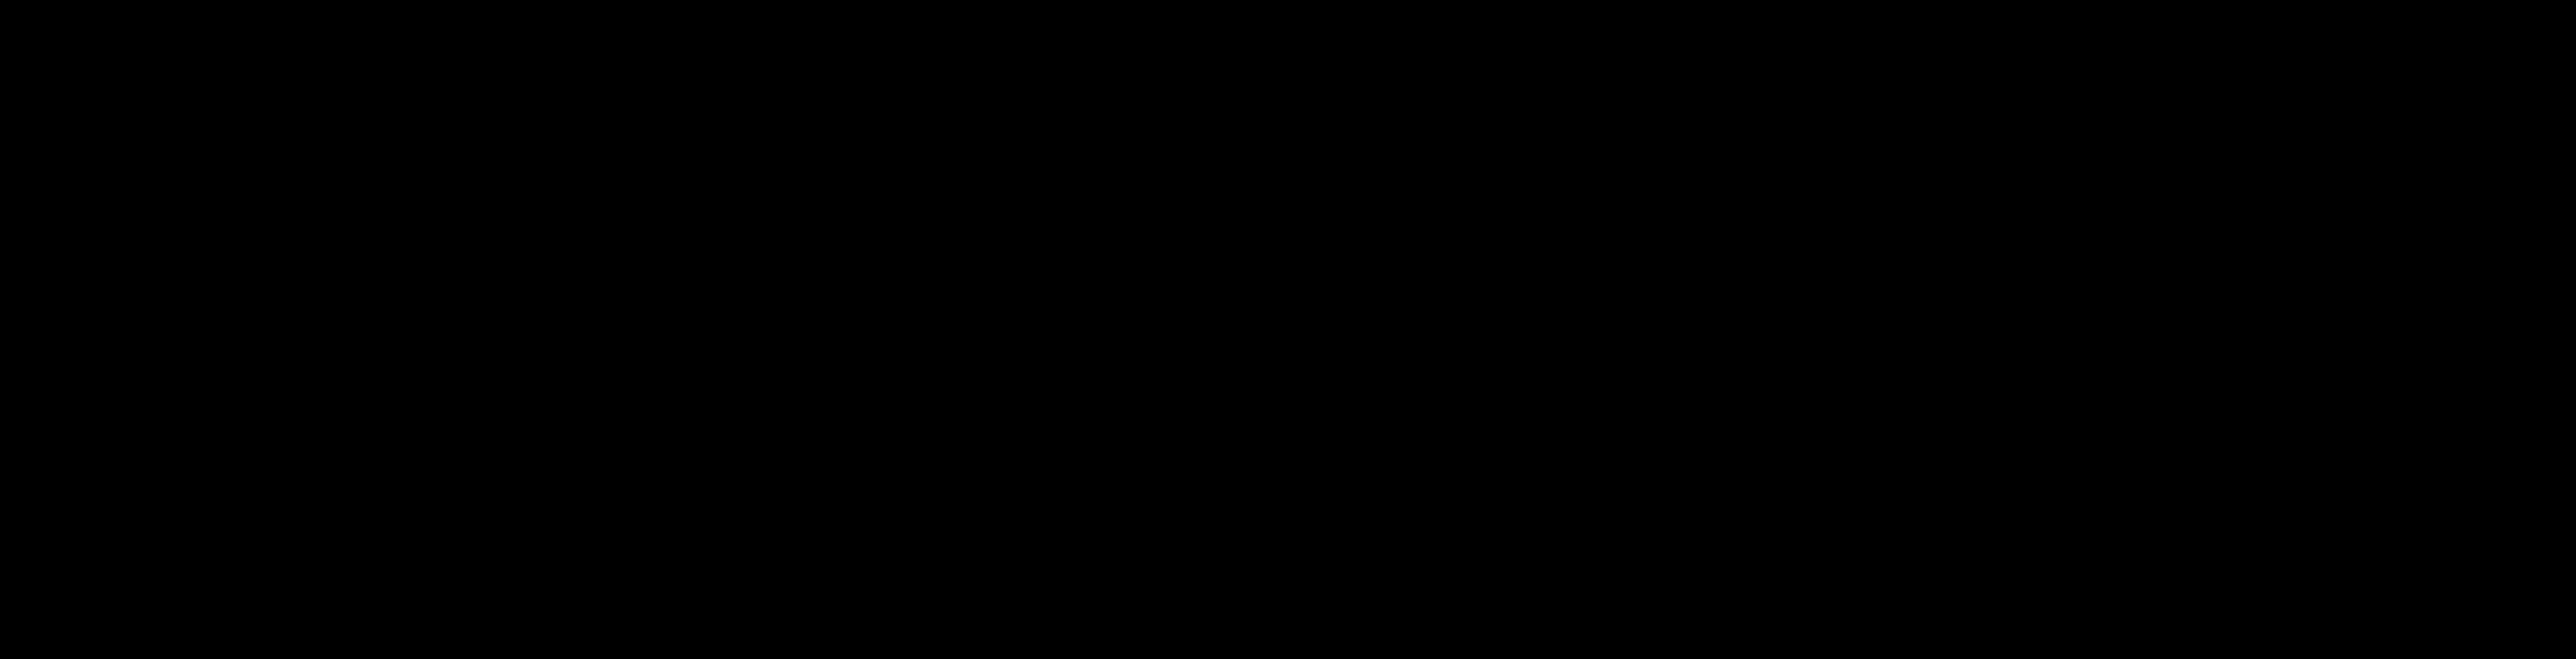 Dillards Logos Download